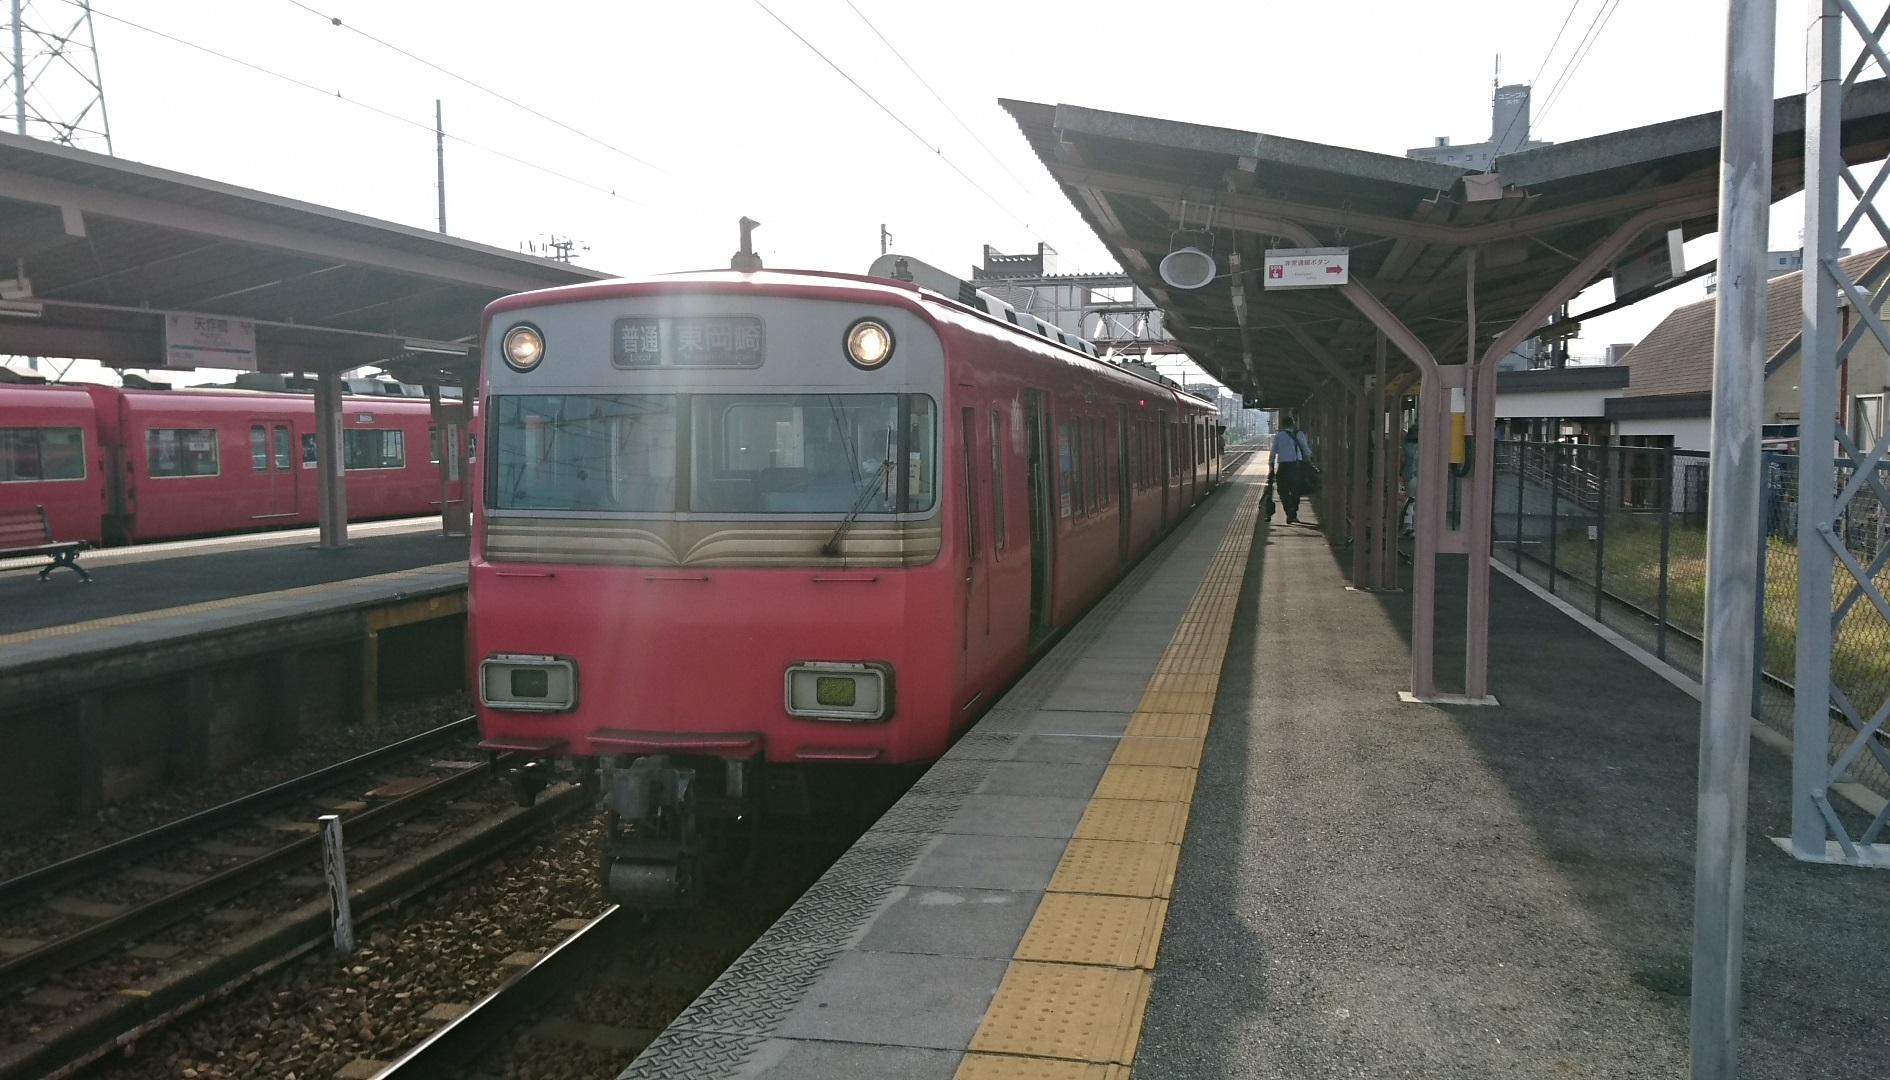 2017.5.21 (7) 矢作橋 - 東岡崎いきふつう 1890-1080